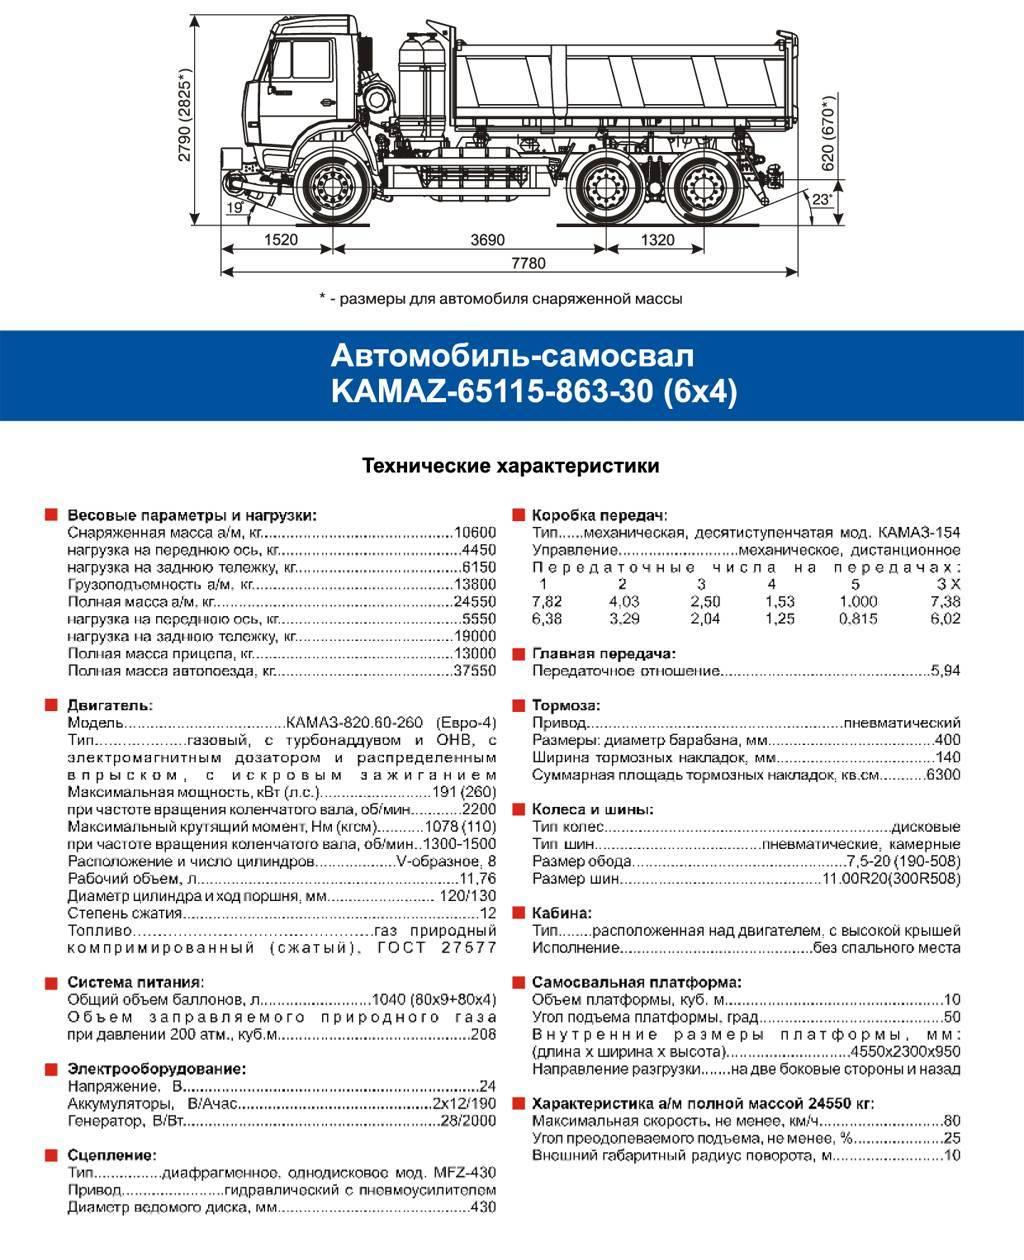 Камаз-5350: технические характеристики